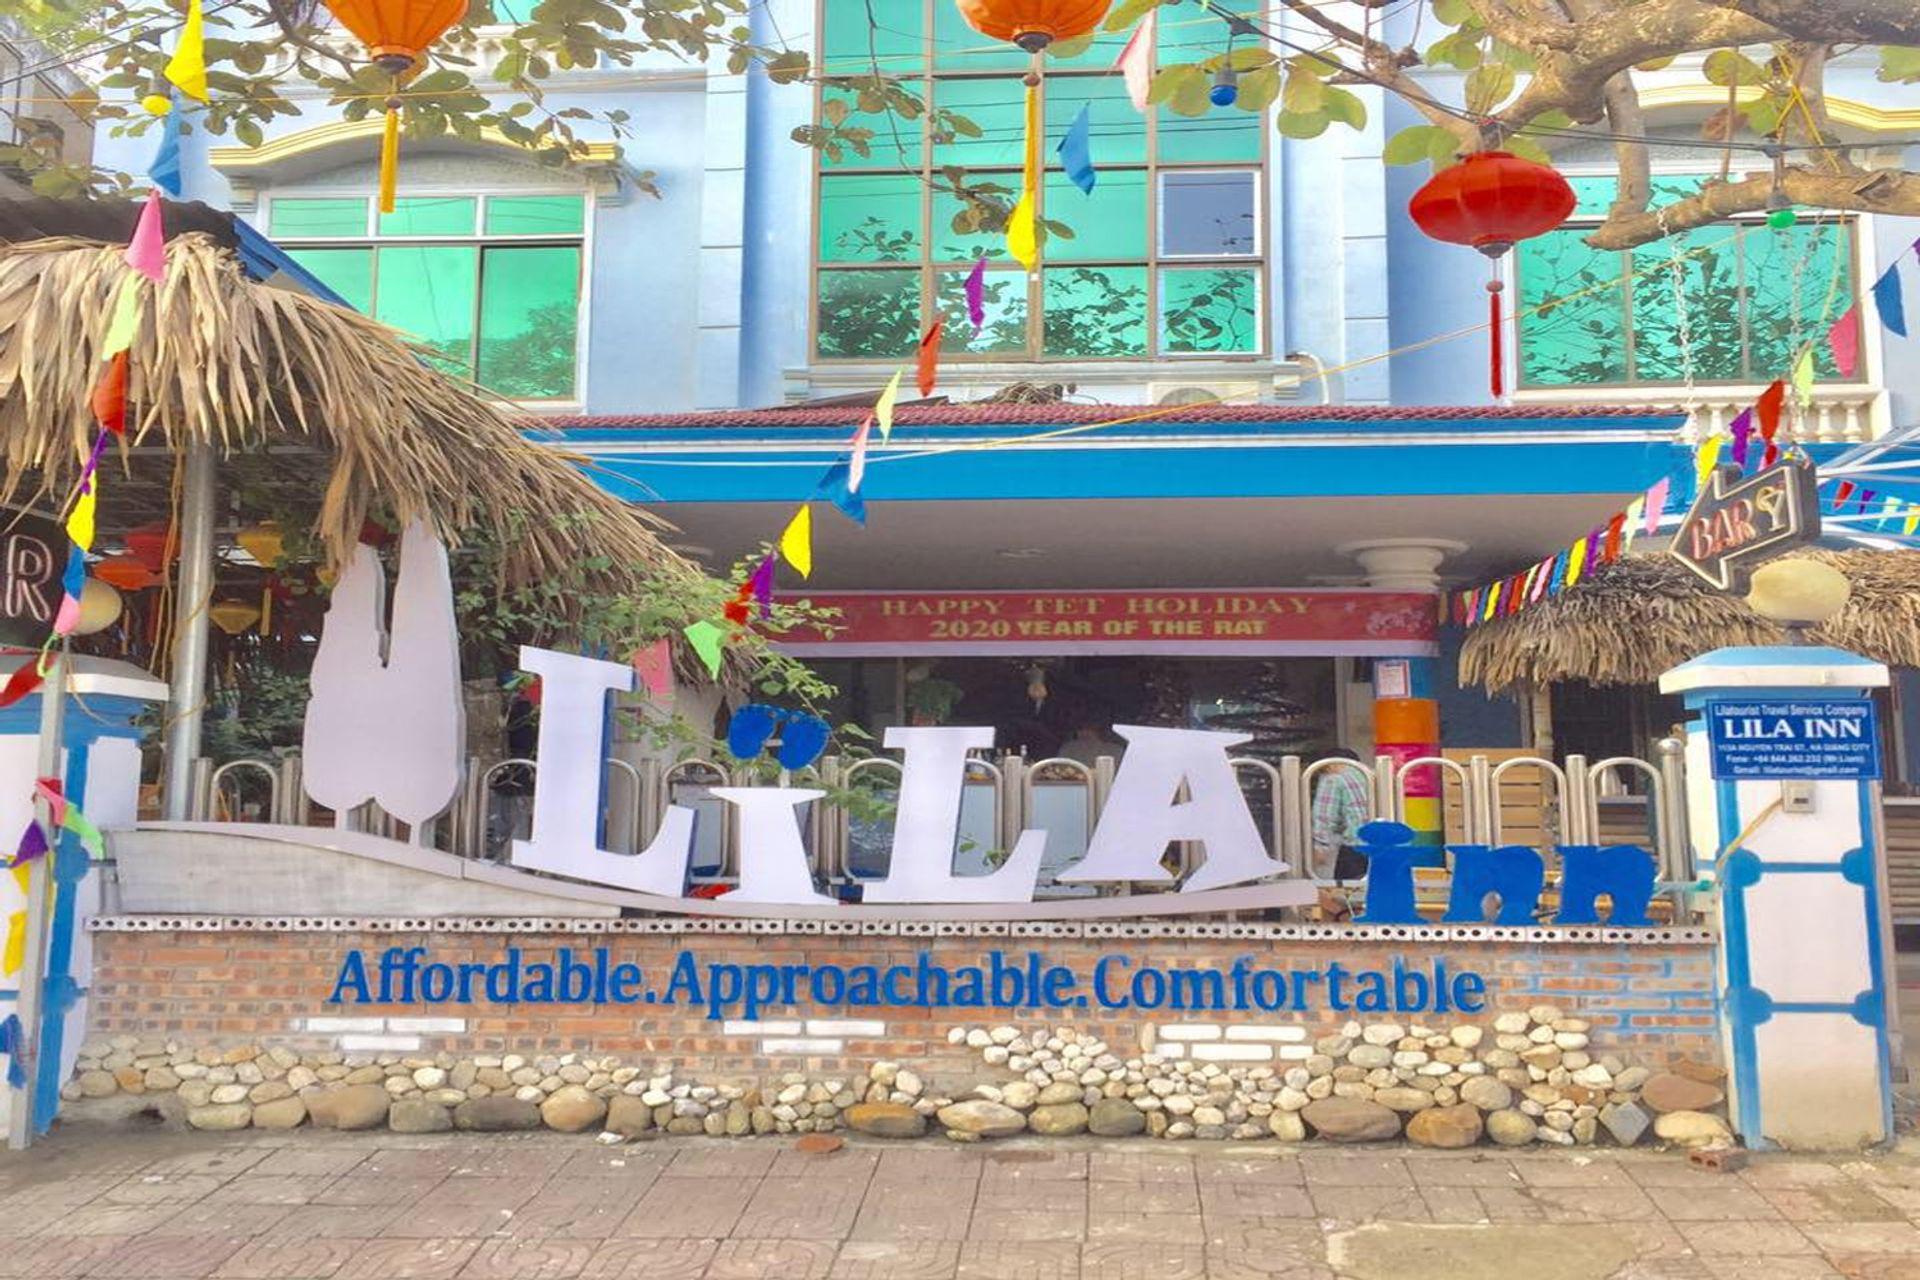 LiLa Inn hotel